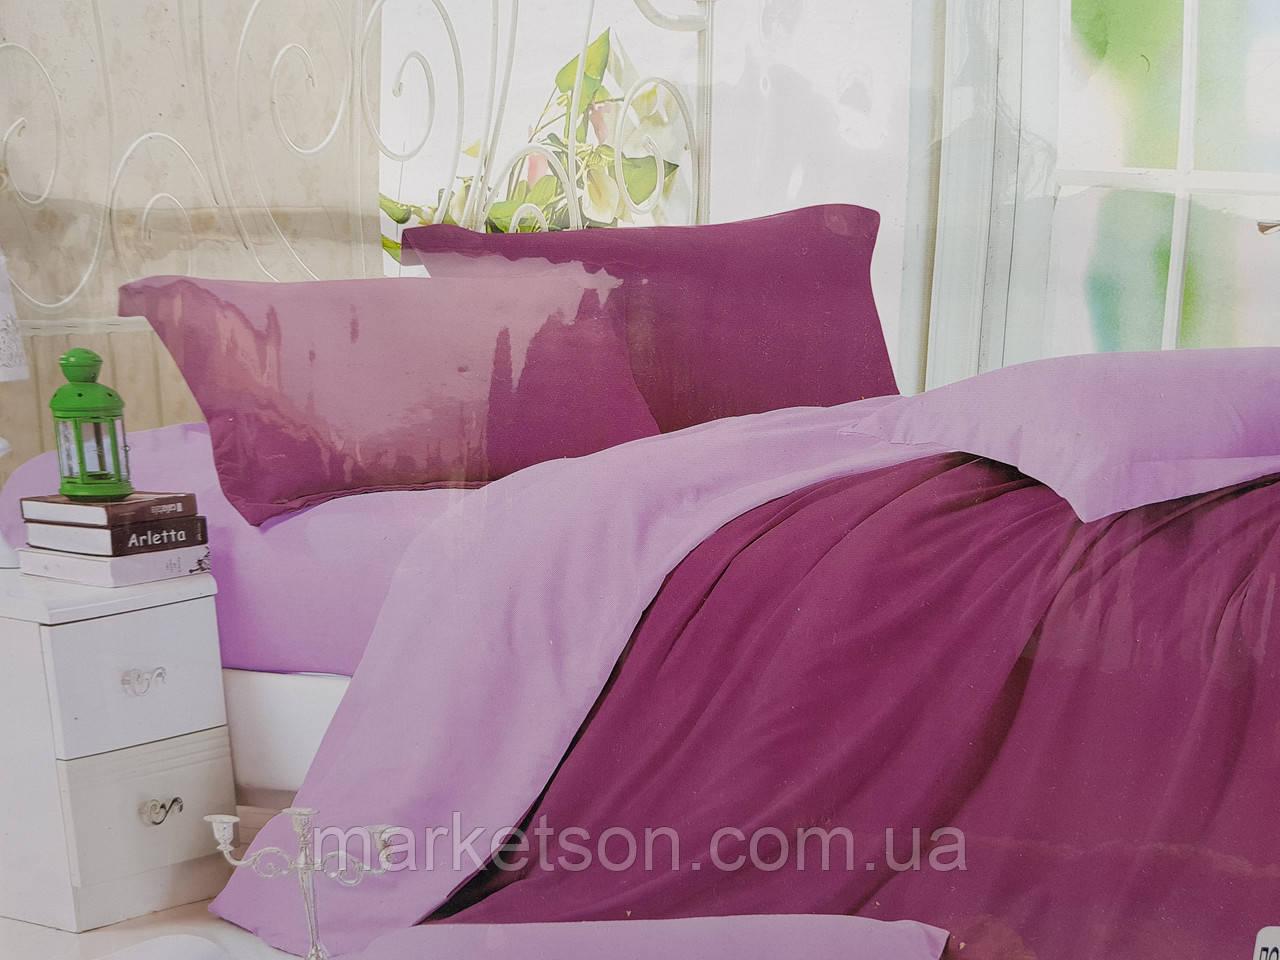 Полуторное постельное белье 150*210.Сатин. Подарочная упаковка.